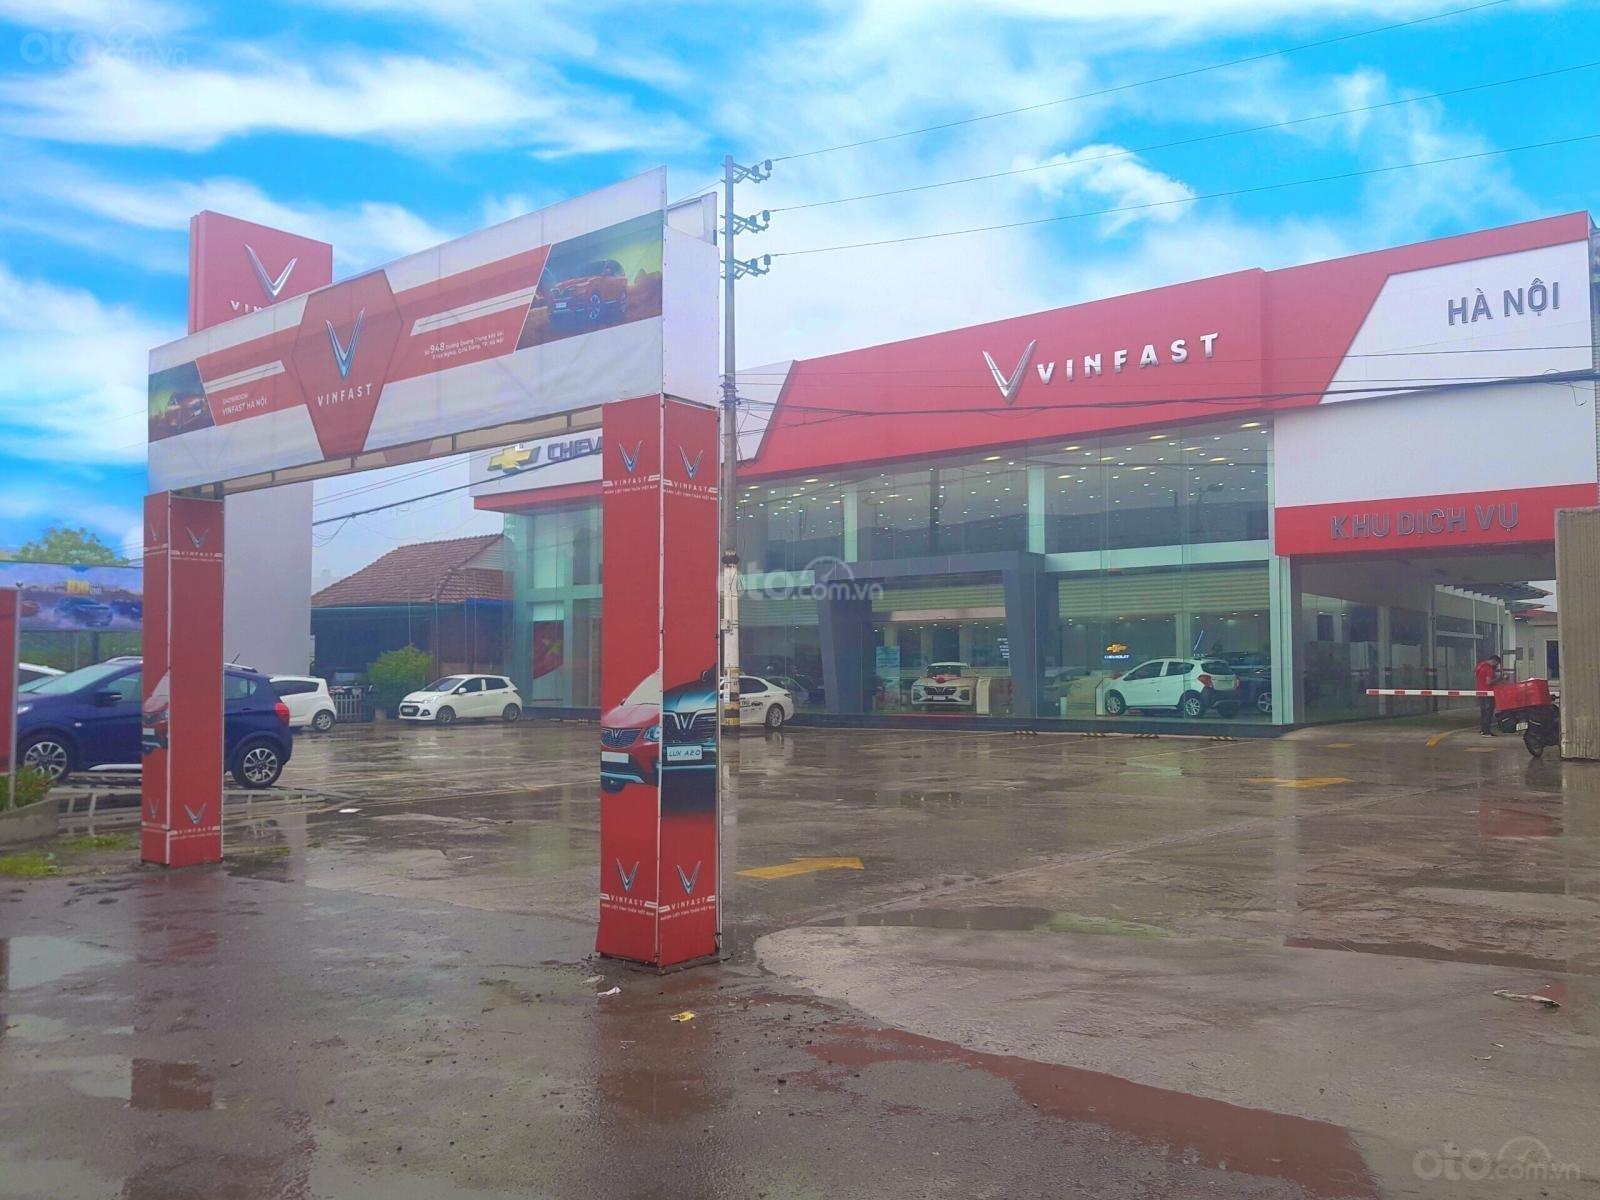 Vinfast - Chevrolet Hà Nội (2)